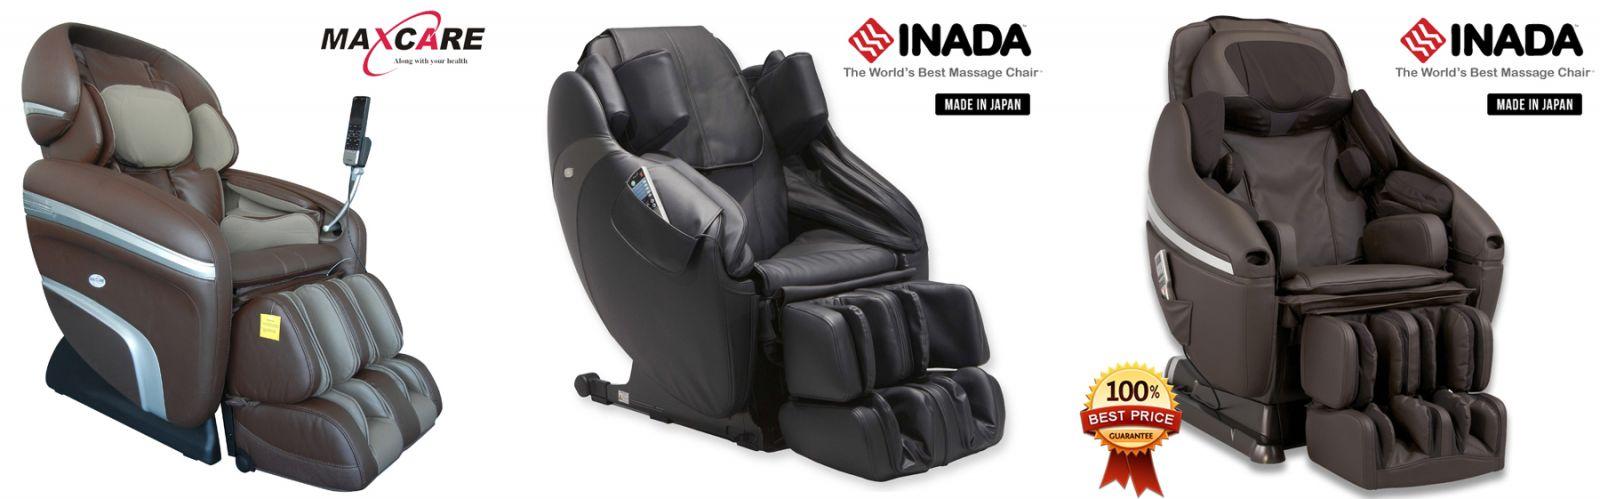 ghế massage nào bán chạy nhất